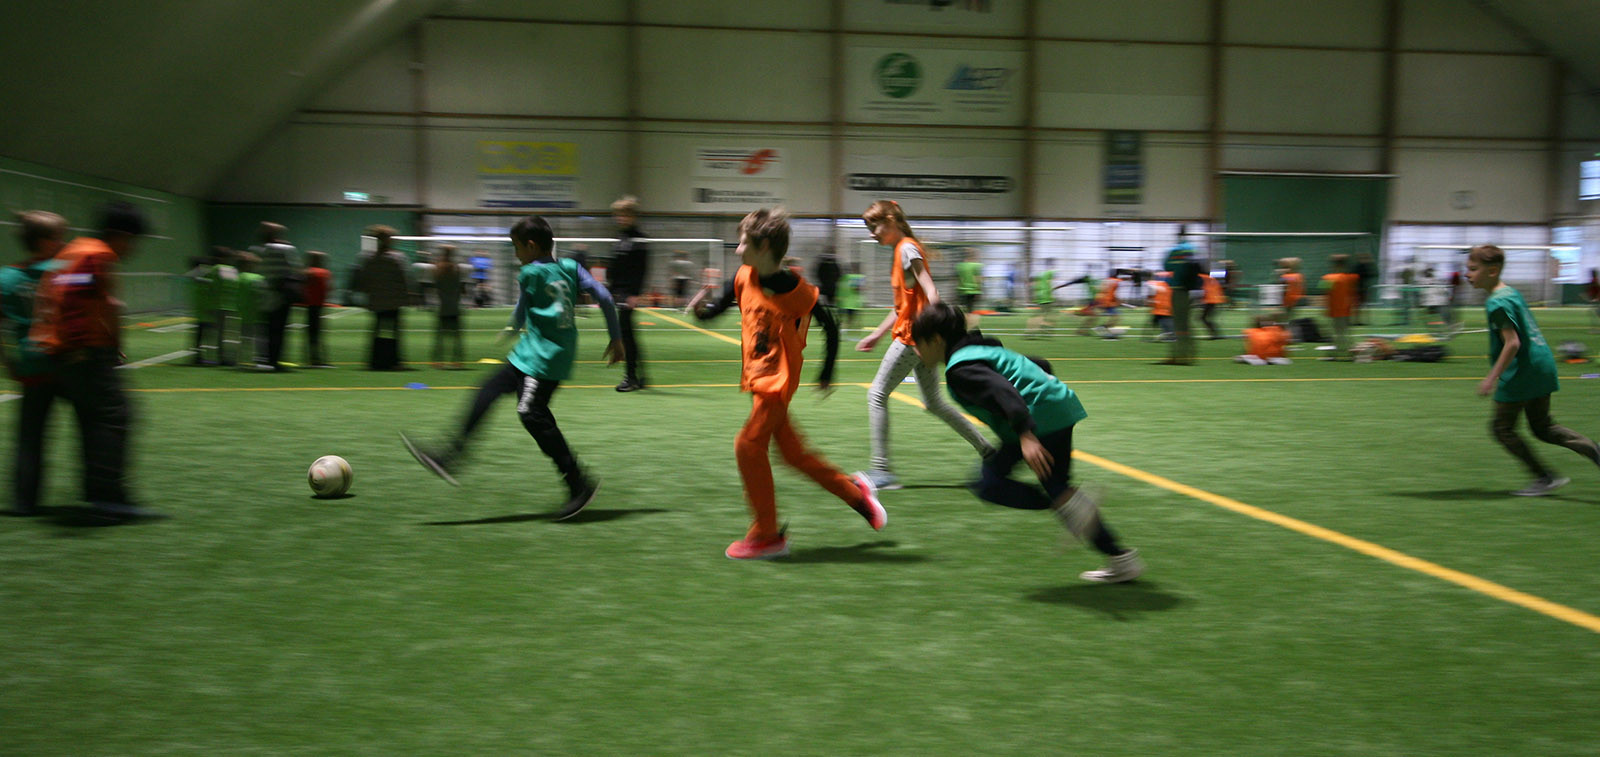 Pallosankarit-tapahtumassa lapsia potkimassa palloa.